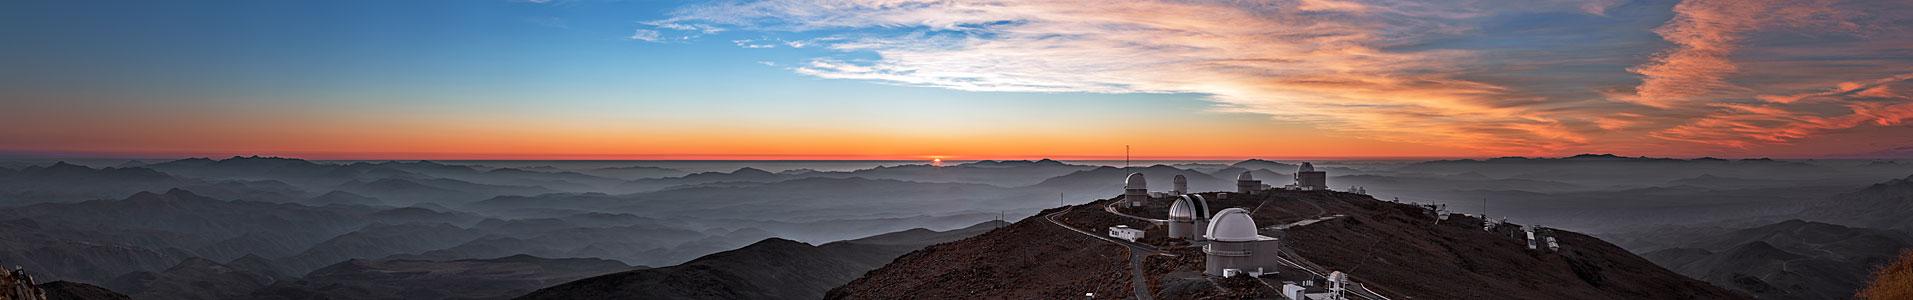 Paleta del ocaso en los cielos sobre La Silla